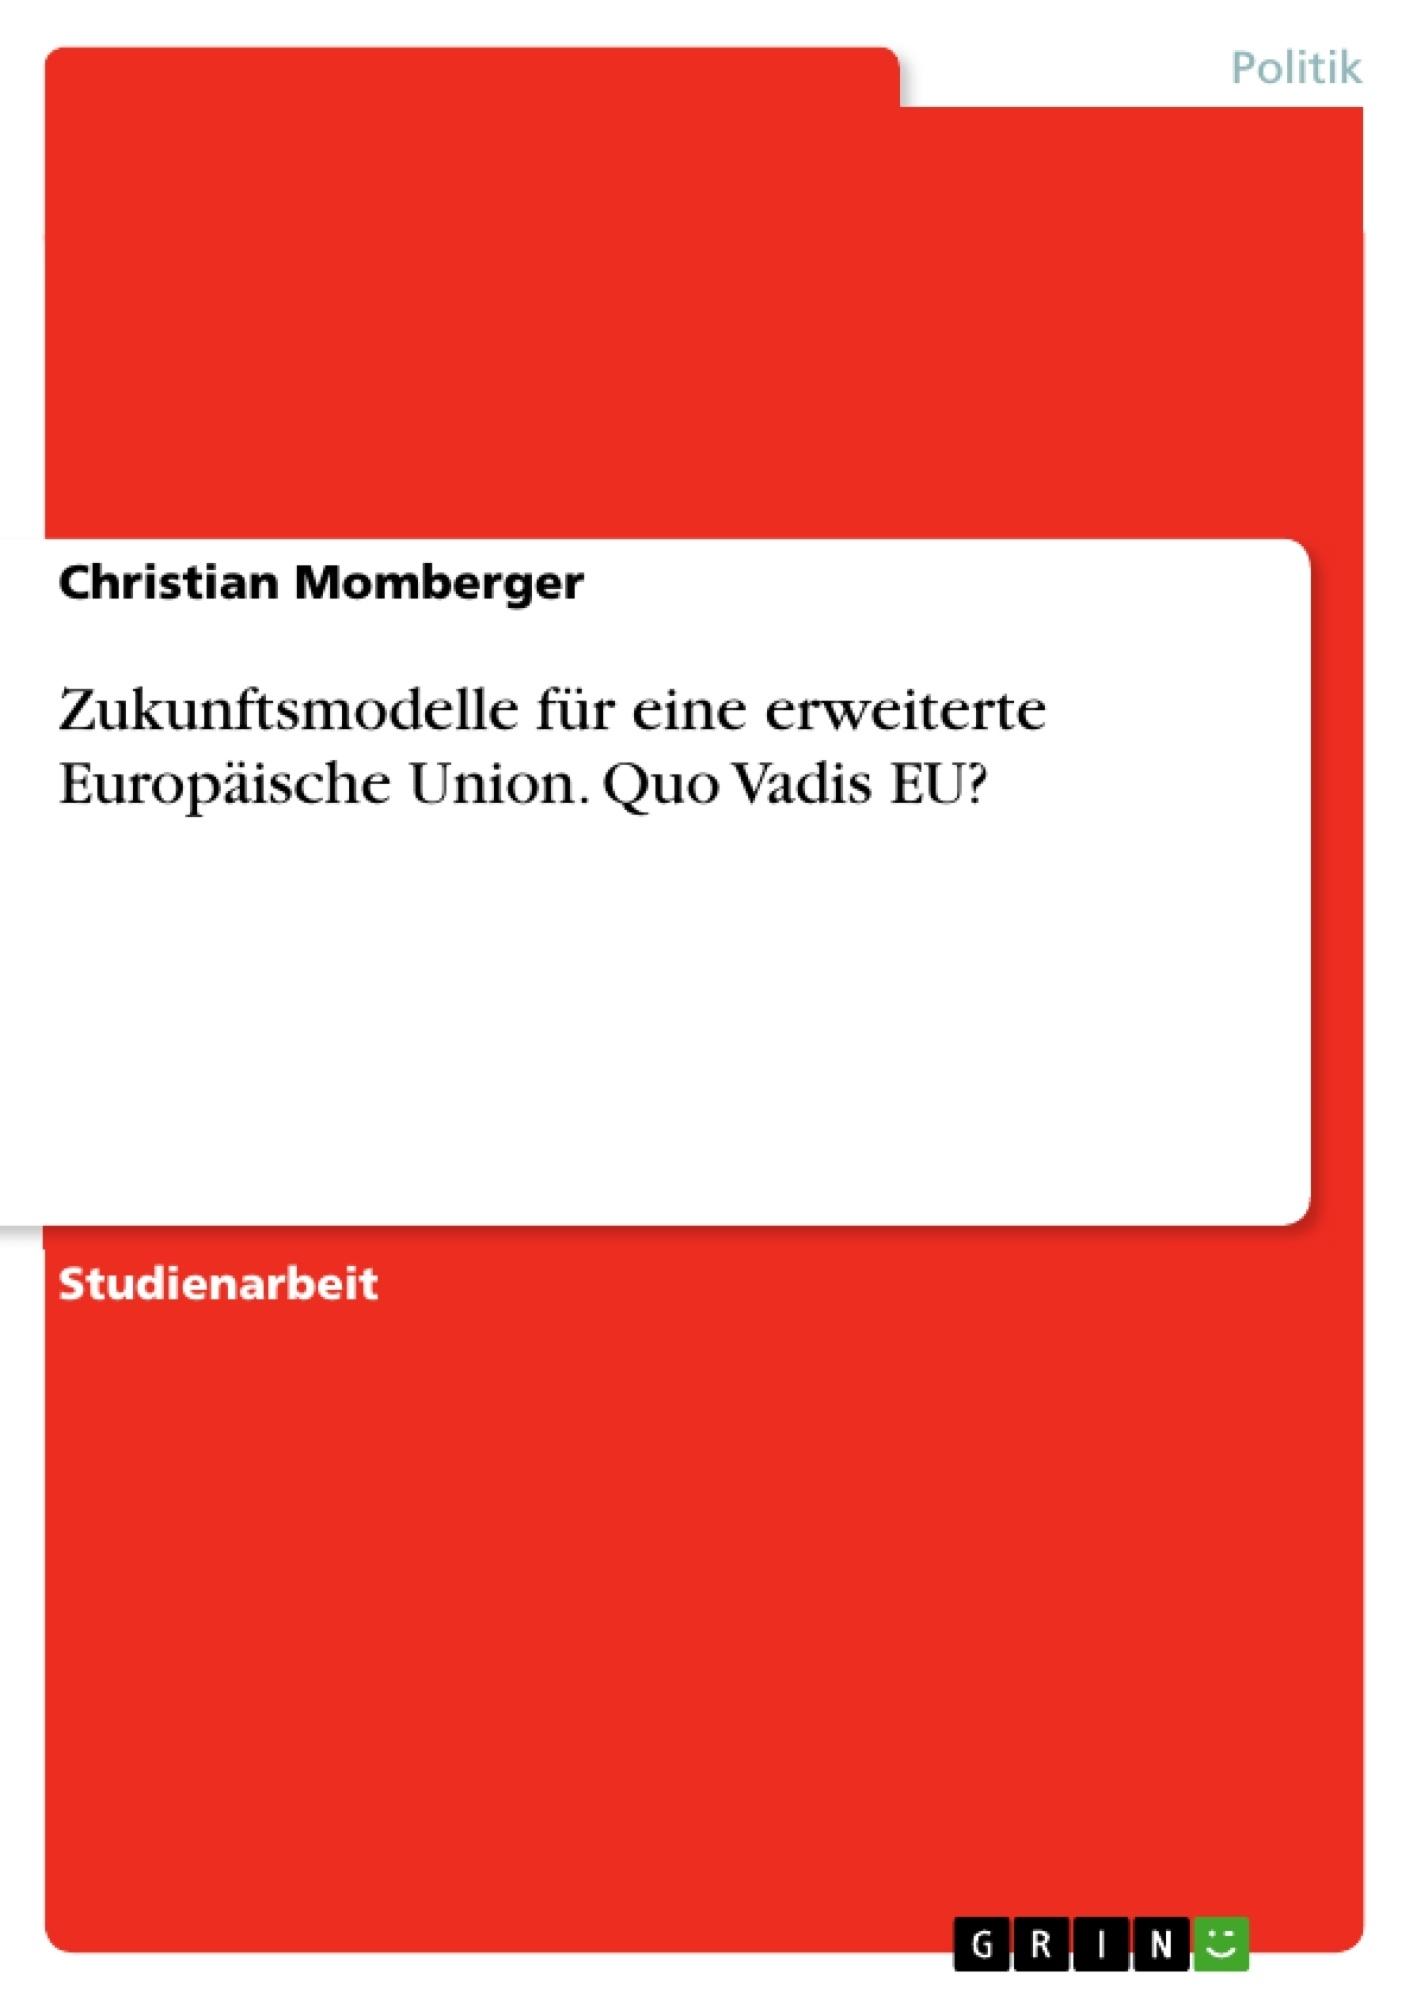 Titel: Zukunftsmodelle für eine erweiterte Europäische Union. Quo Vadis EU?